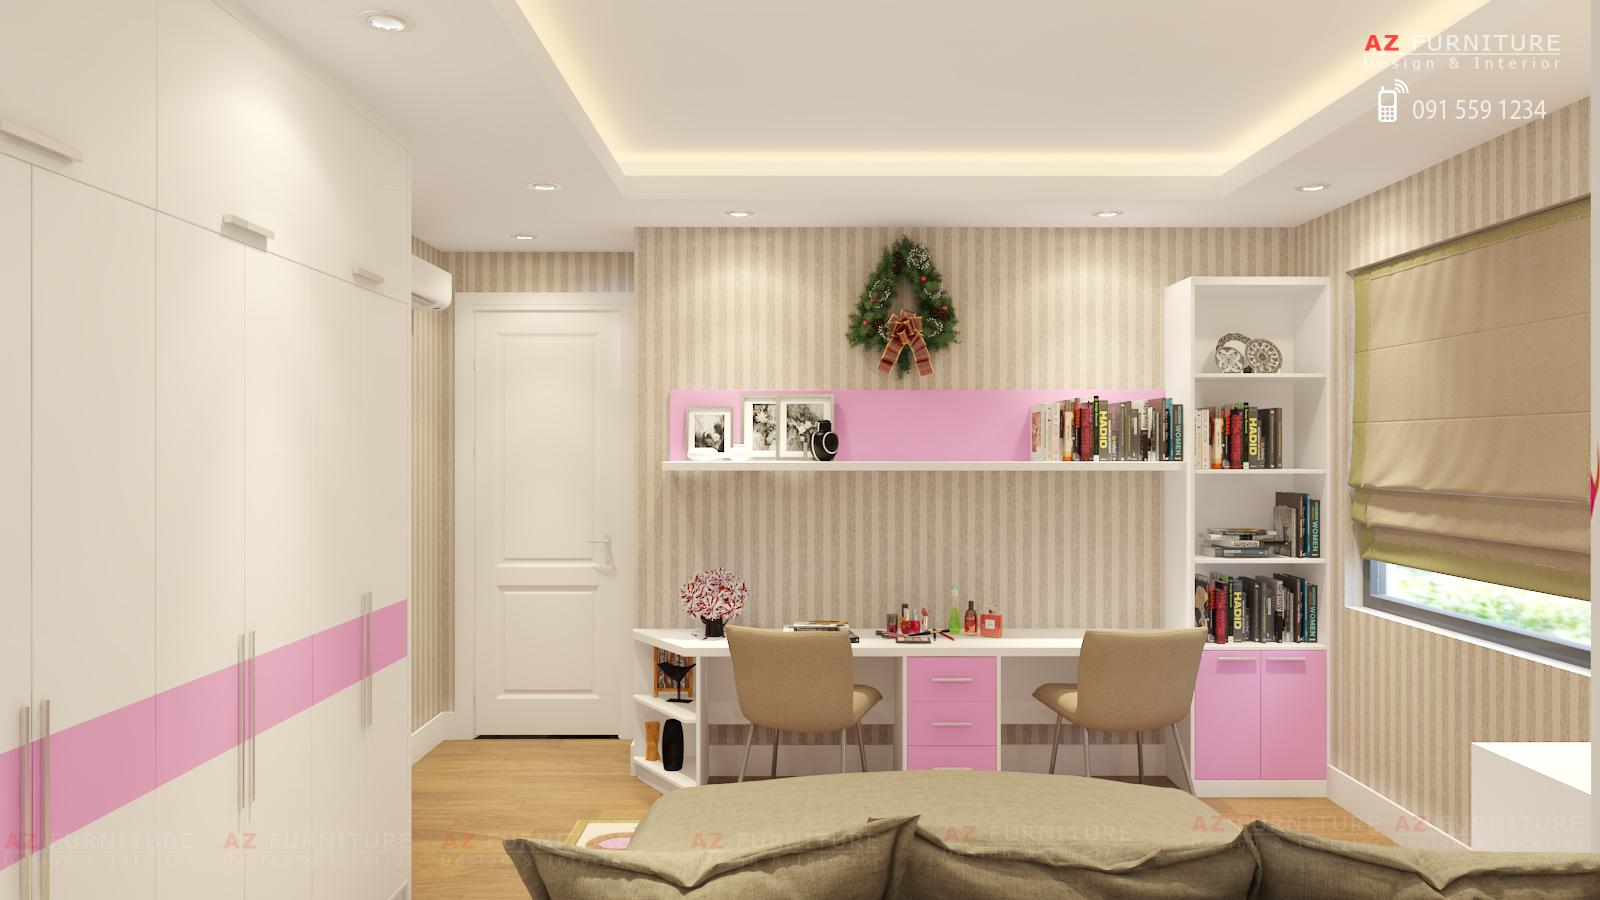 Thiết kế nội thất chung cư - Hottline: 091 559 1234